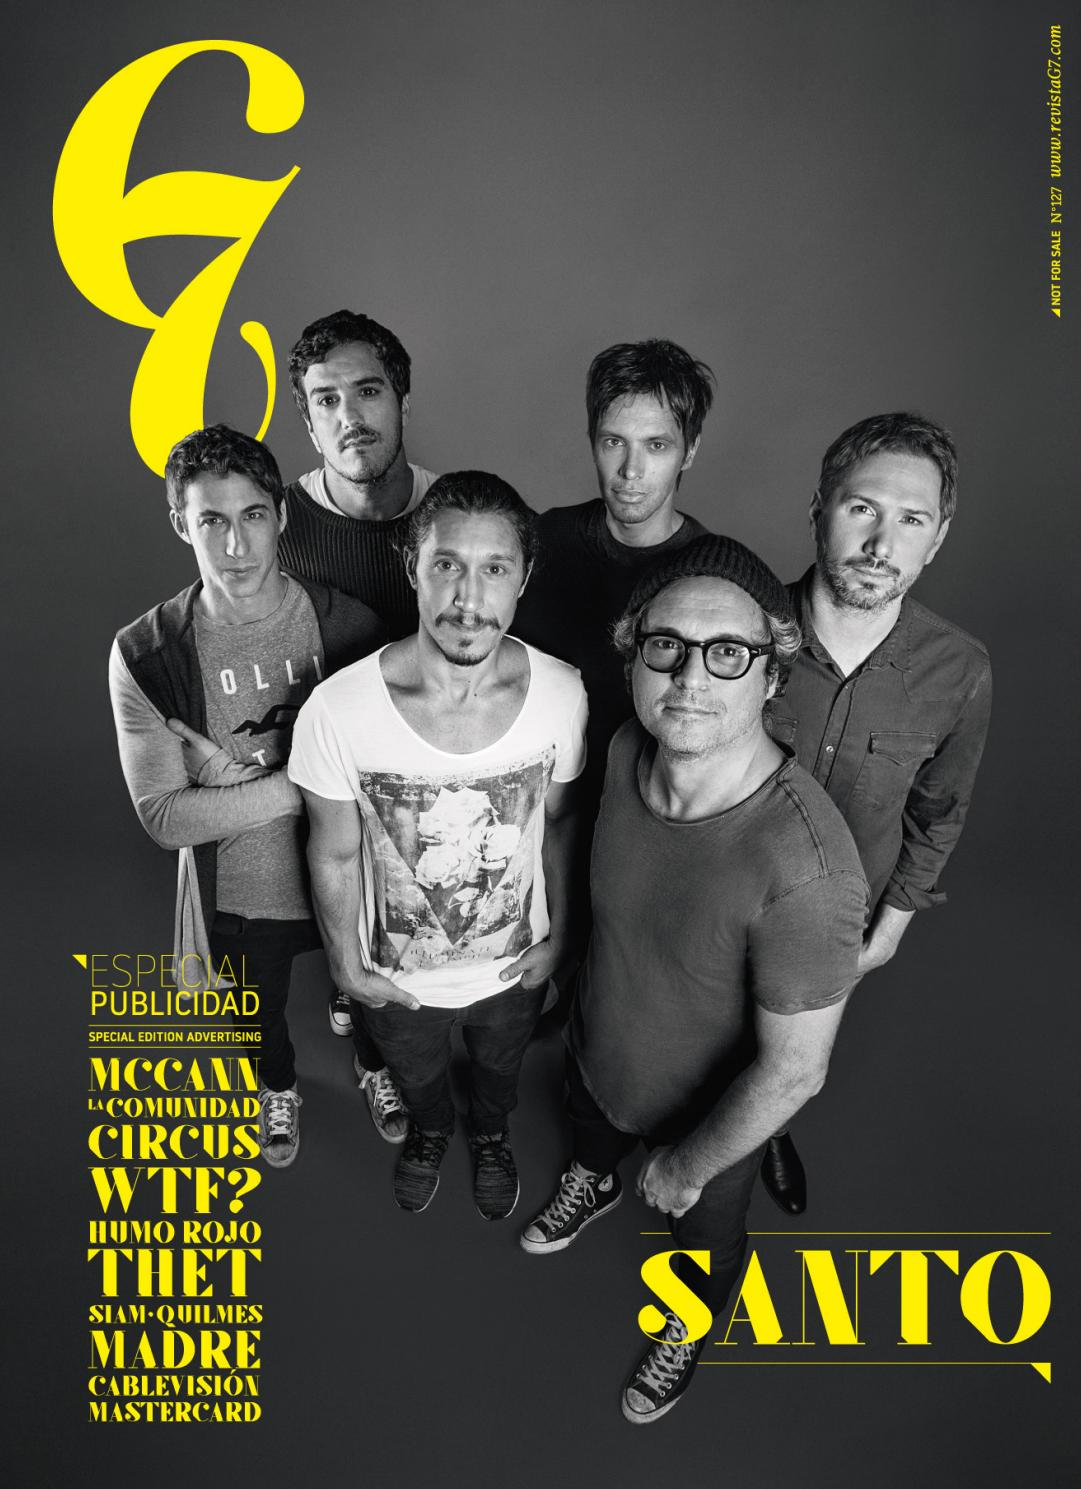 Revista G7 #127 Especial Publicidad Cannes Lions 2017 by